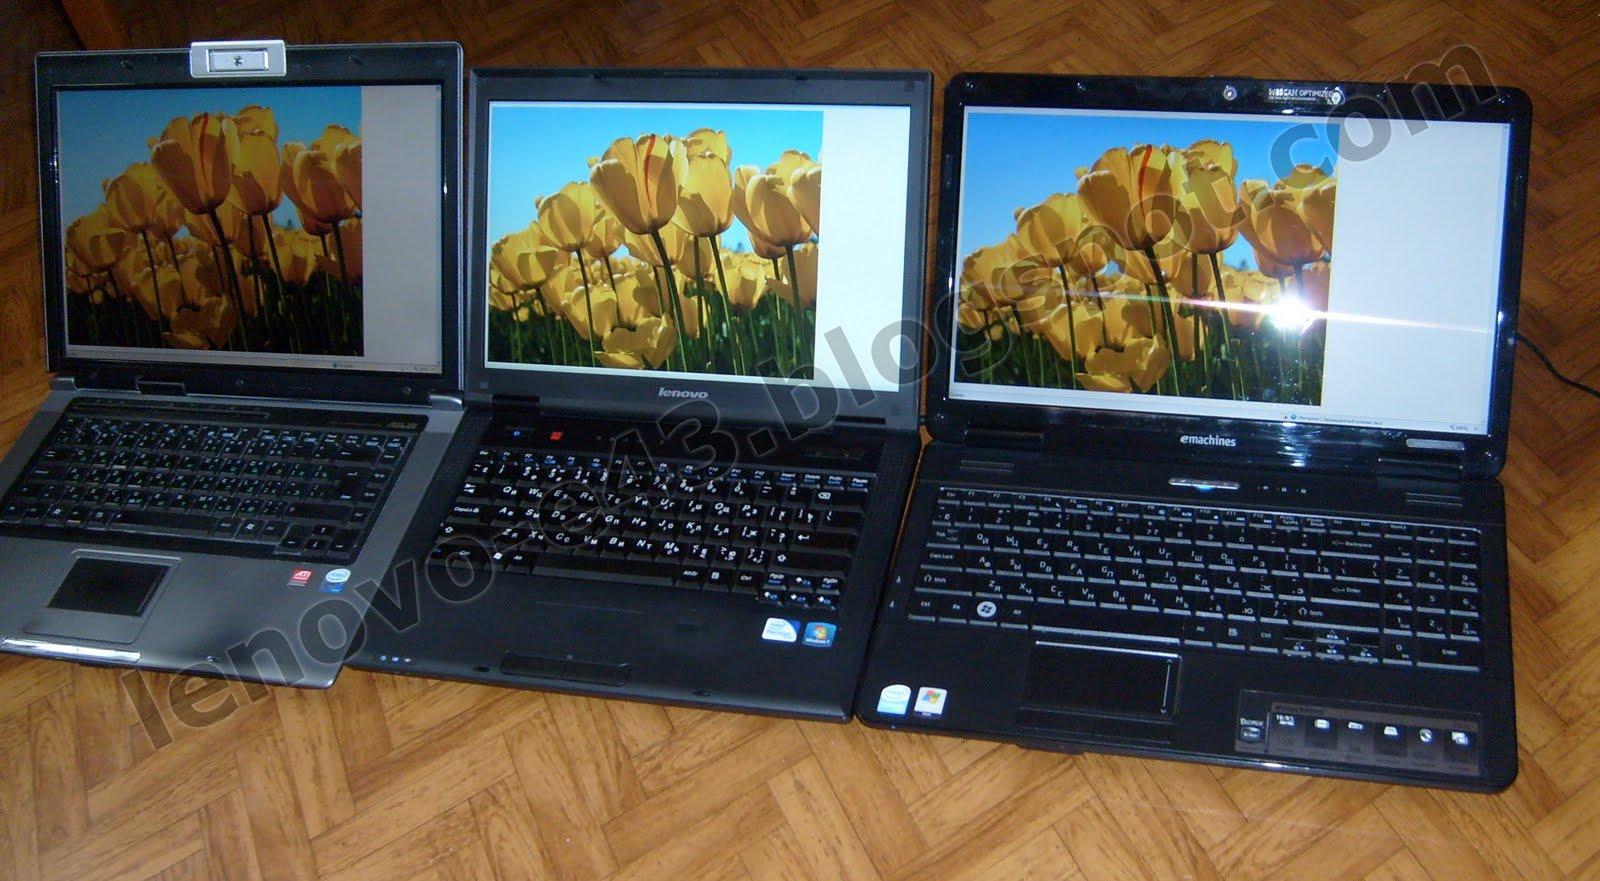 Ноутбук Lenovo E43: Матовый экран vs. глянцевый экран. Часть вторая: фотоэксперимент